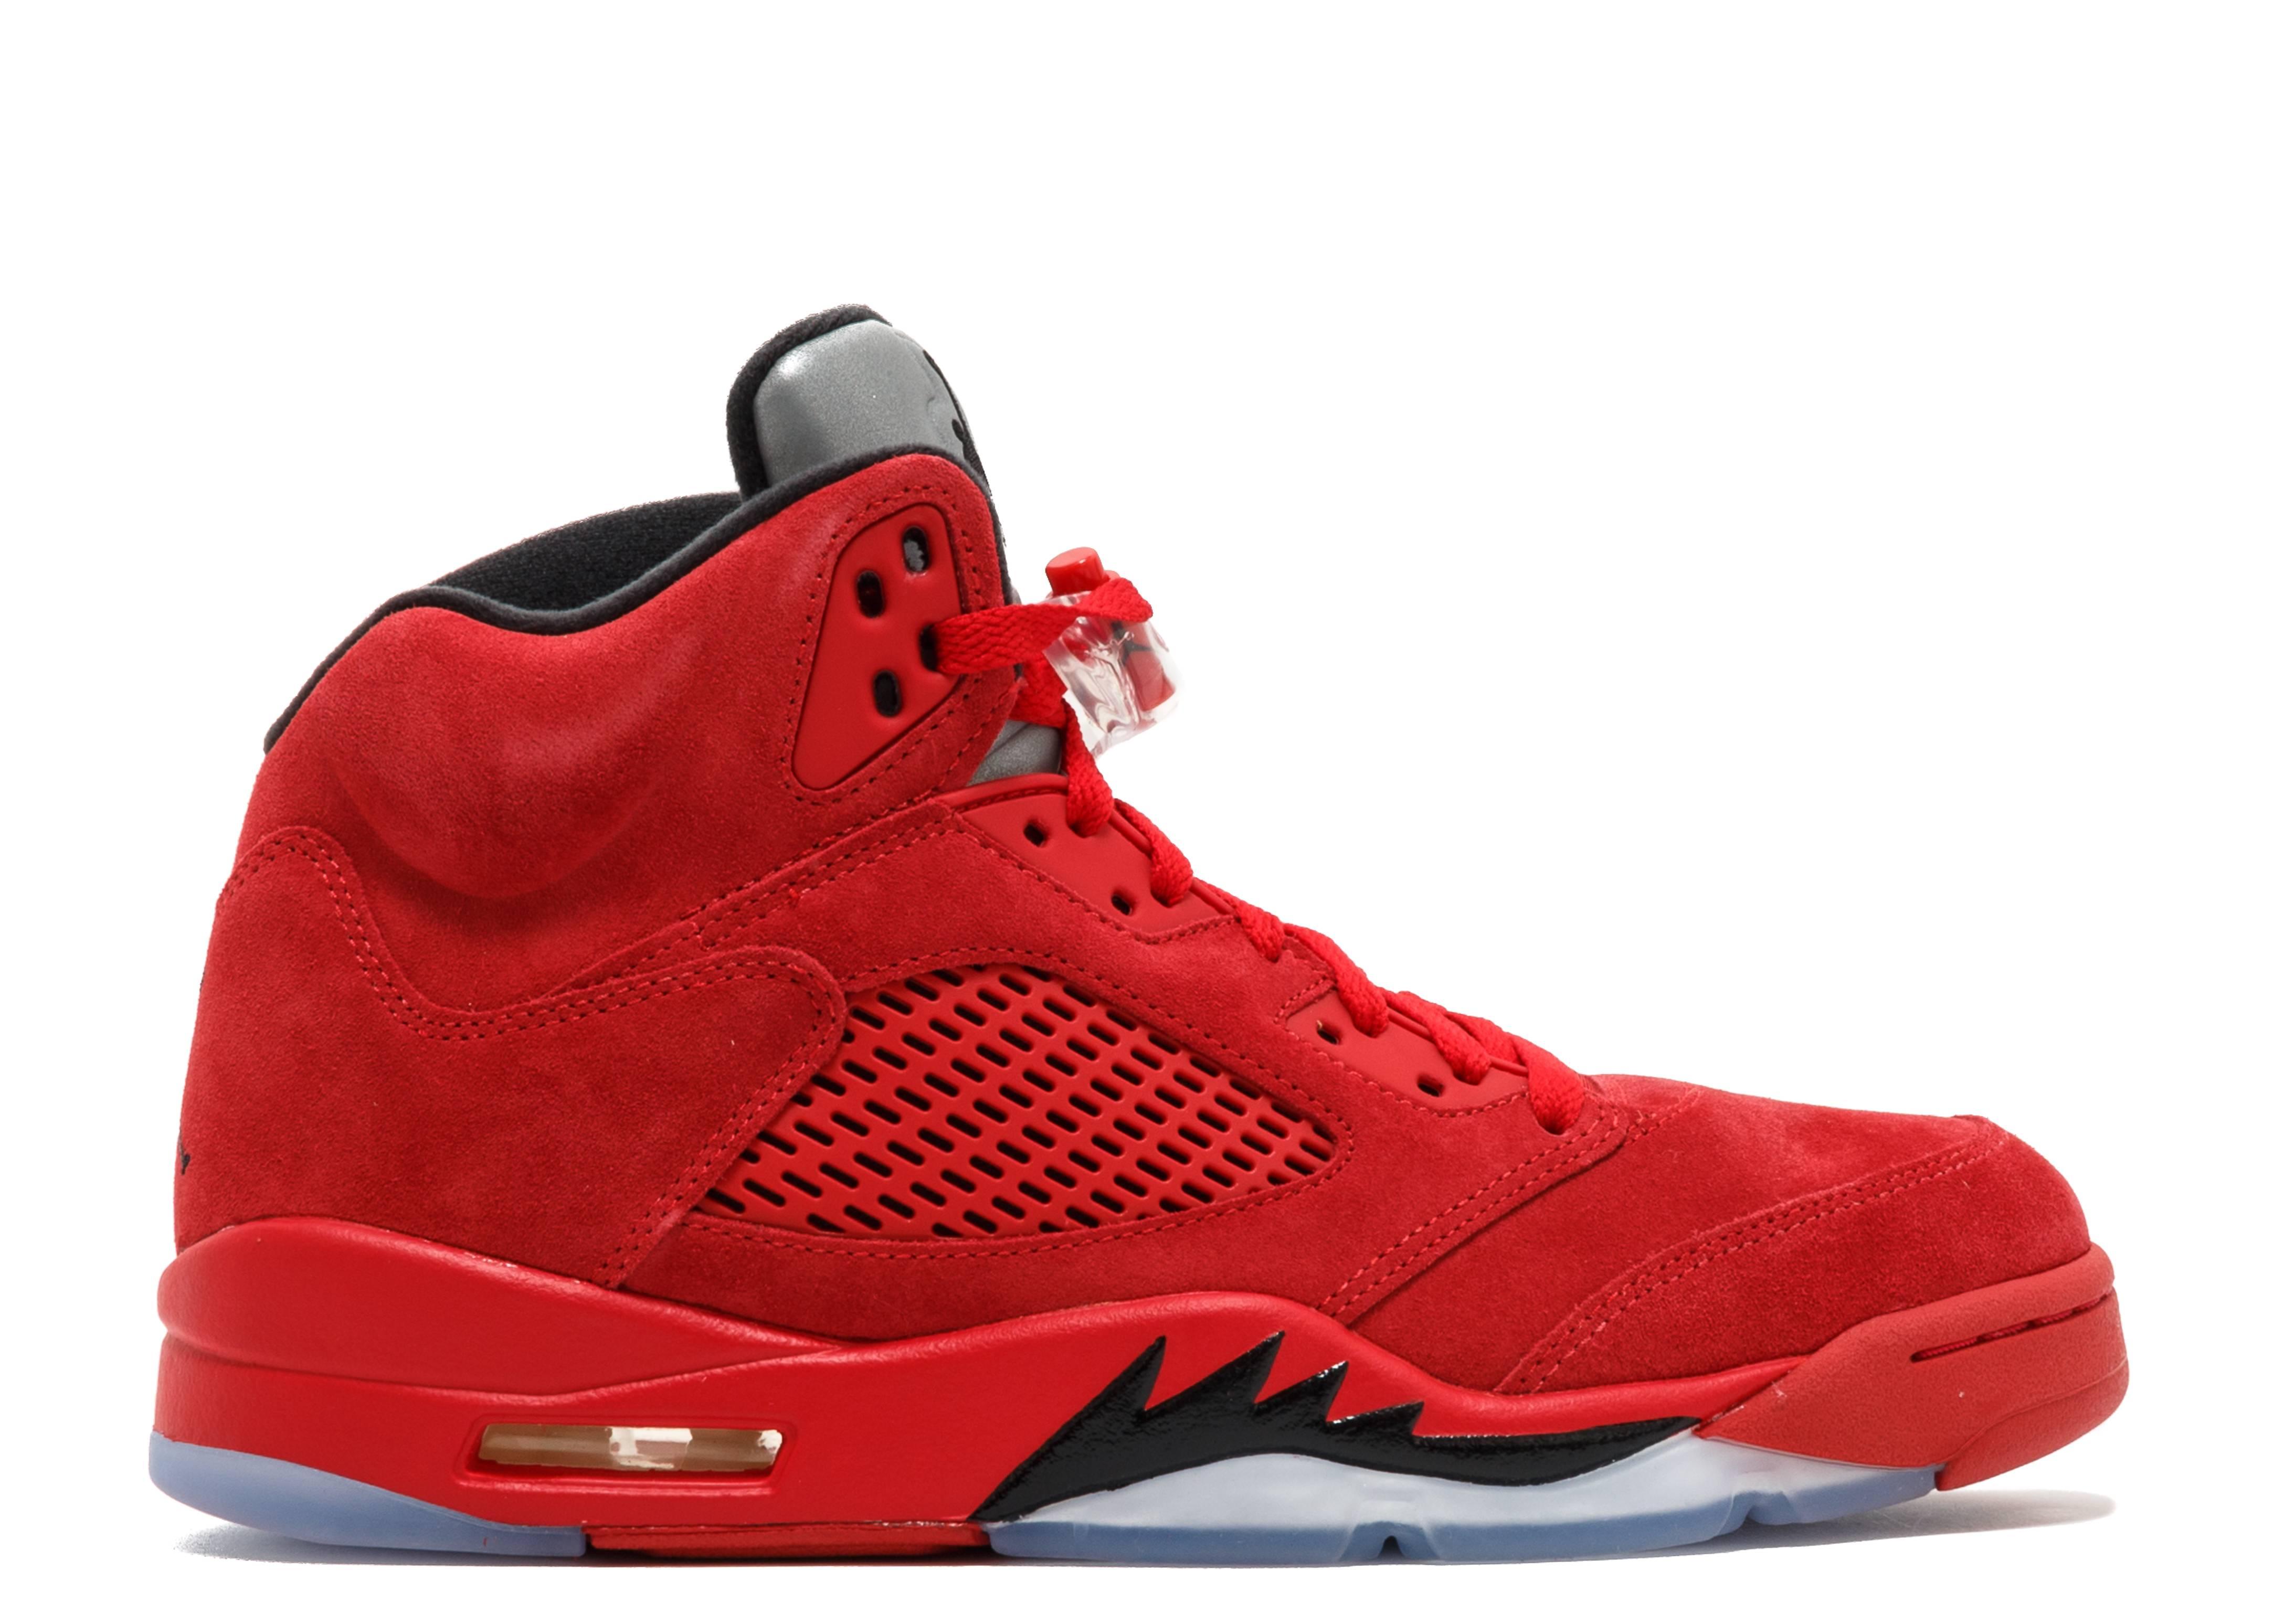 jordan retro 5 red and black